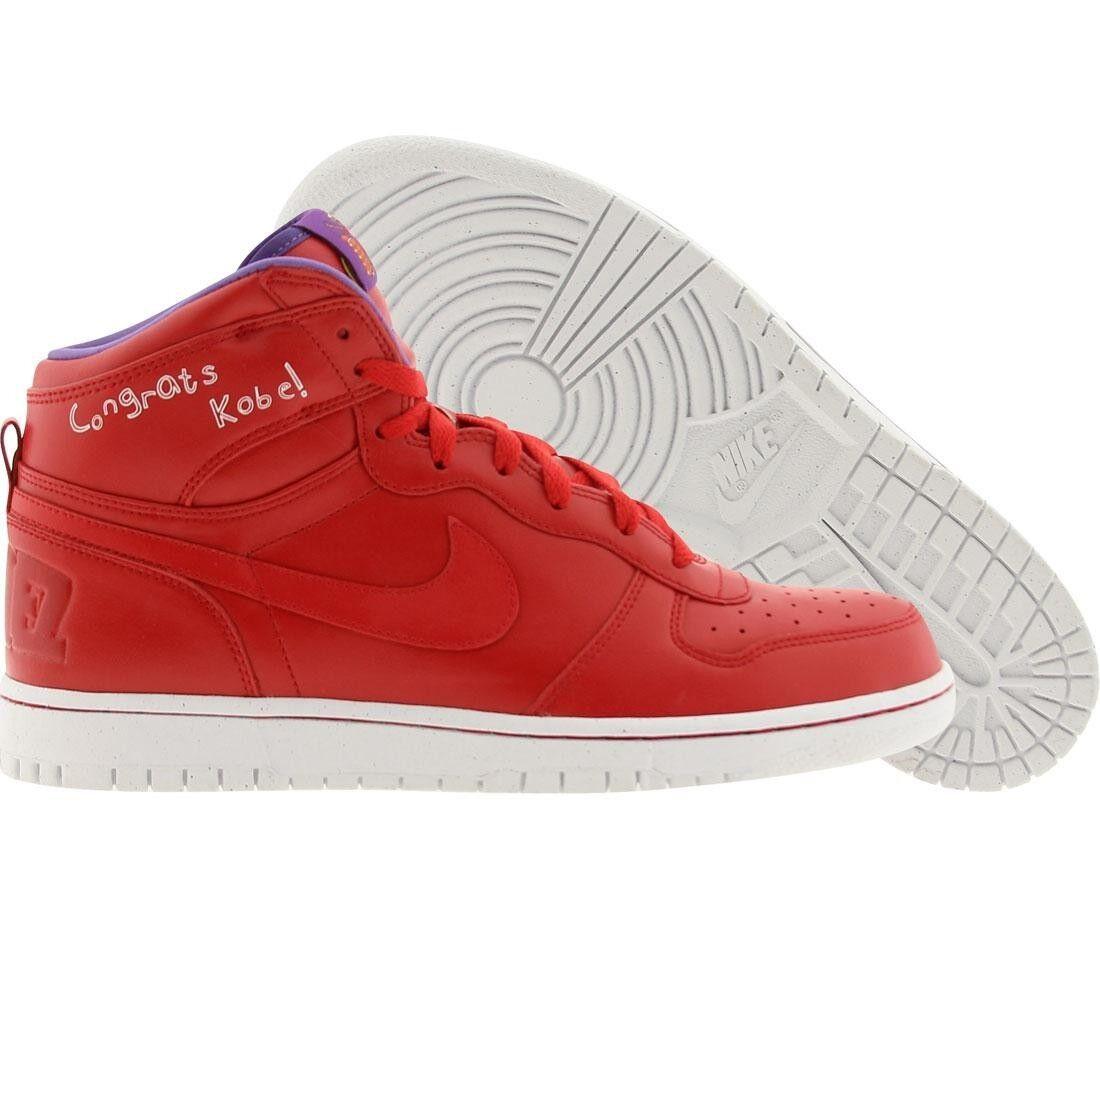 370428-600 Nike Men Big Nike High QK - Congrats Congrats Congrats Kobe Lil Dez (rosso   sport rosso   563807